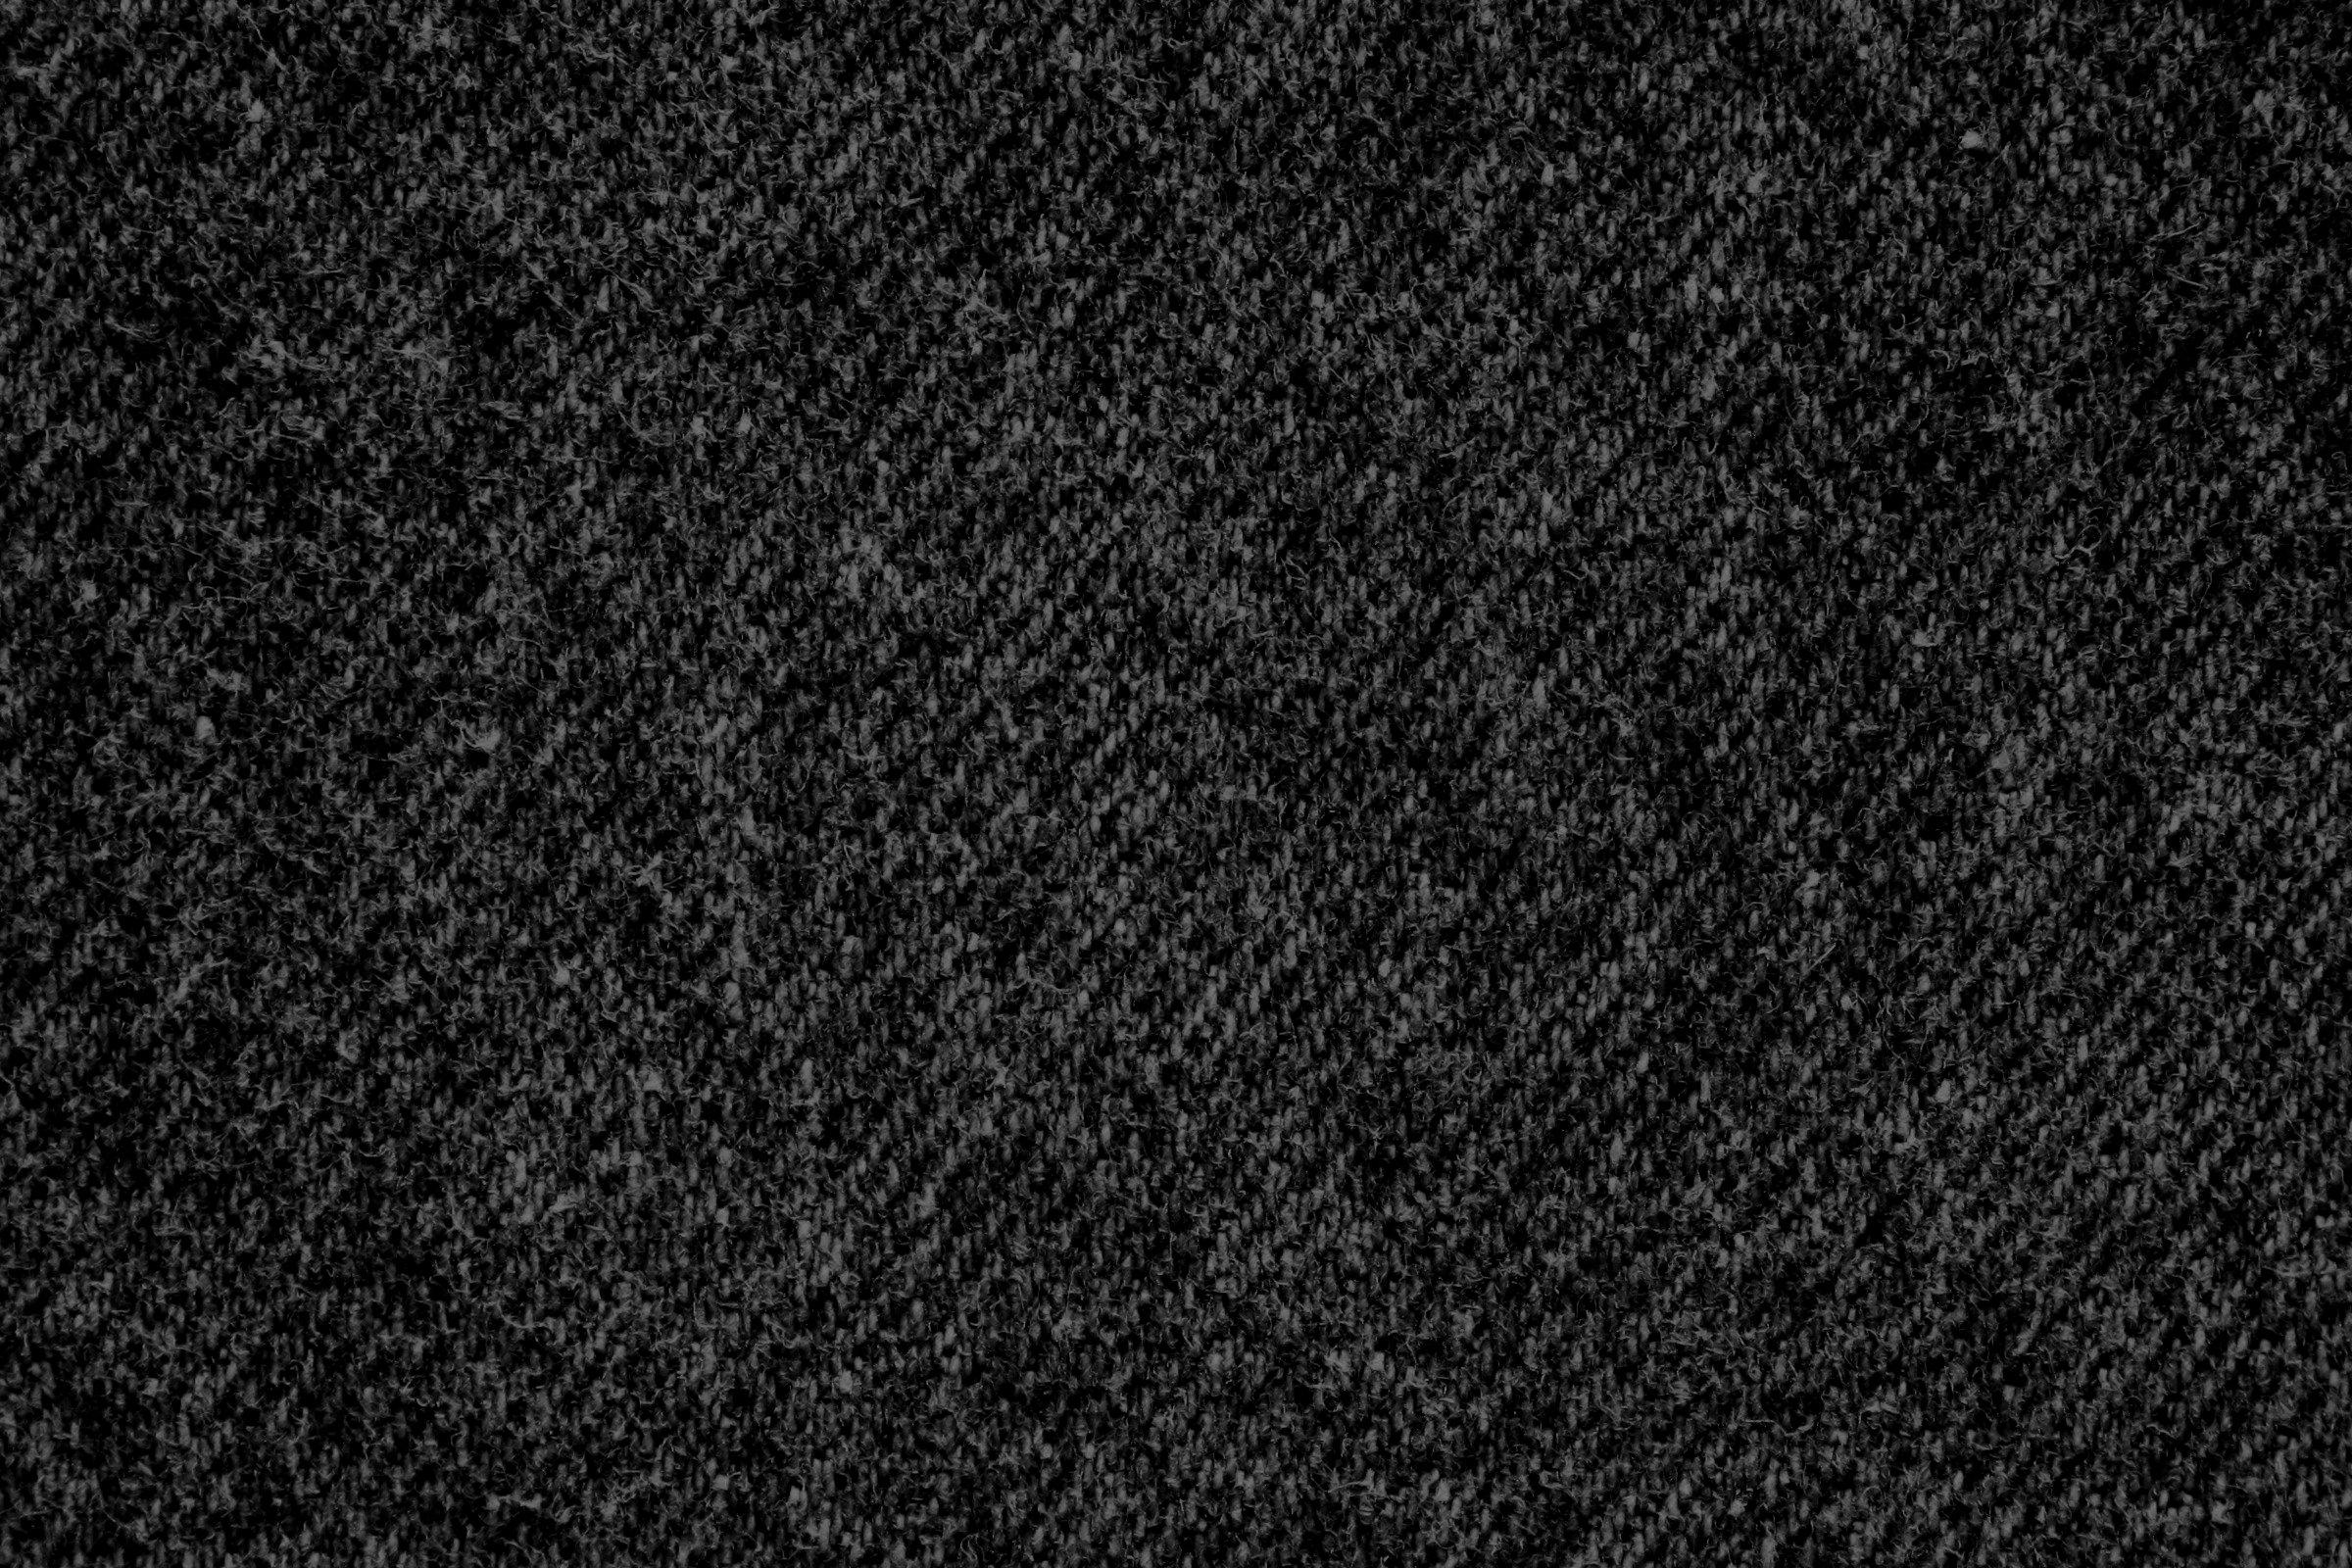 Black Denim Fabric Texture Picture | Free Photograph | Photos Public ...